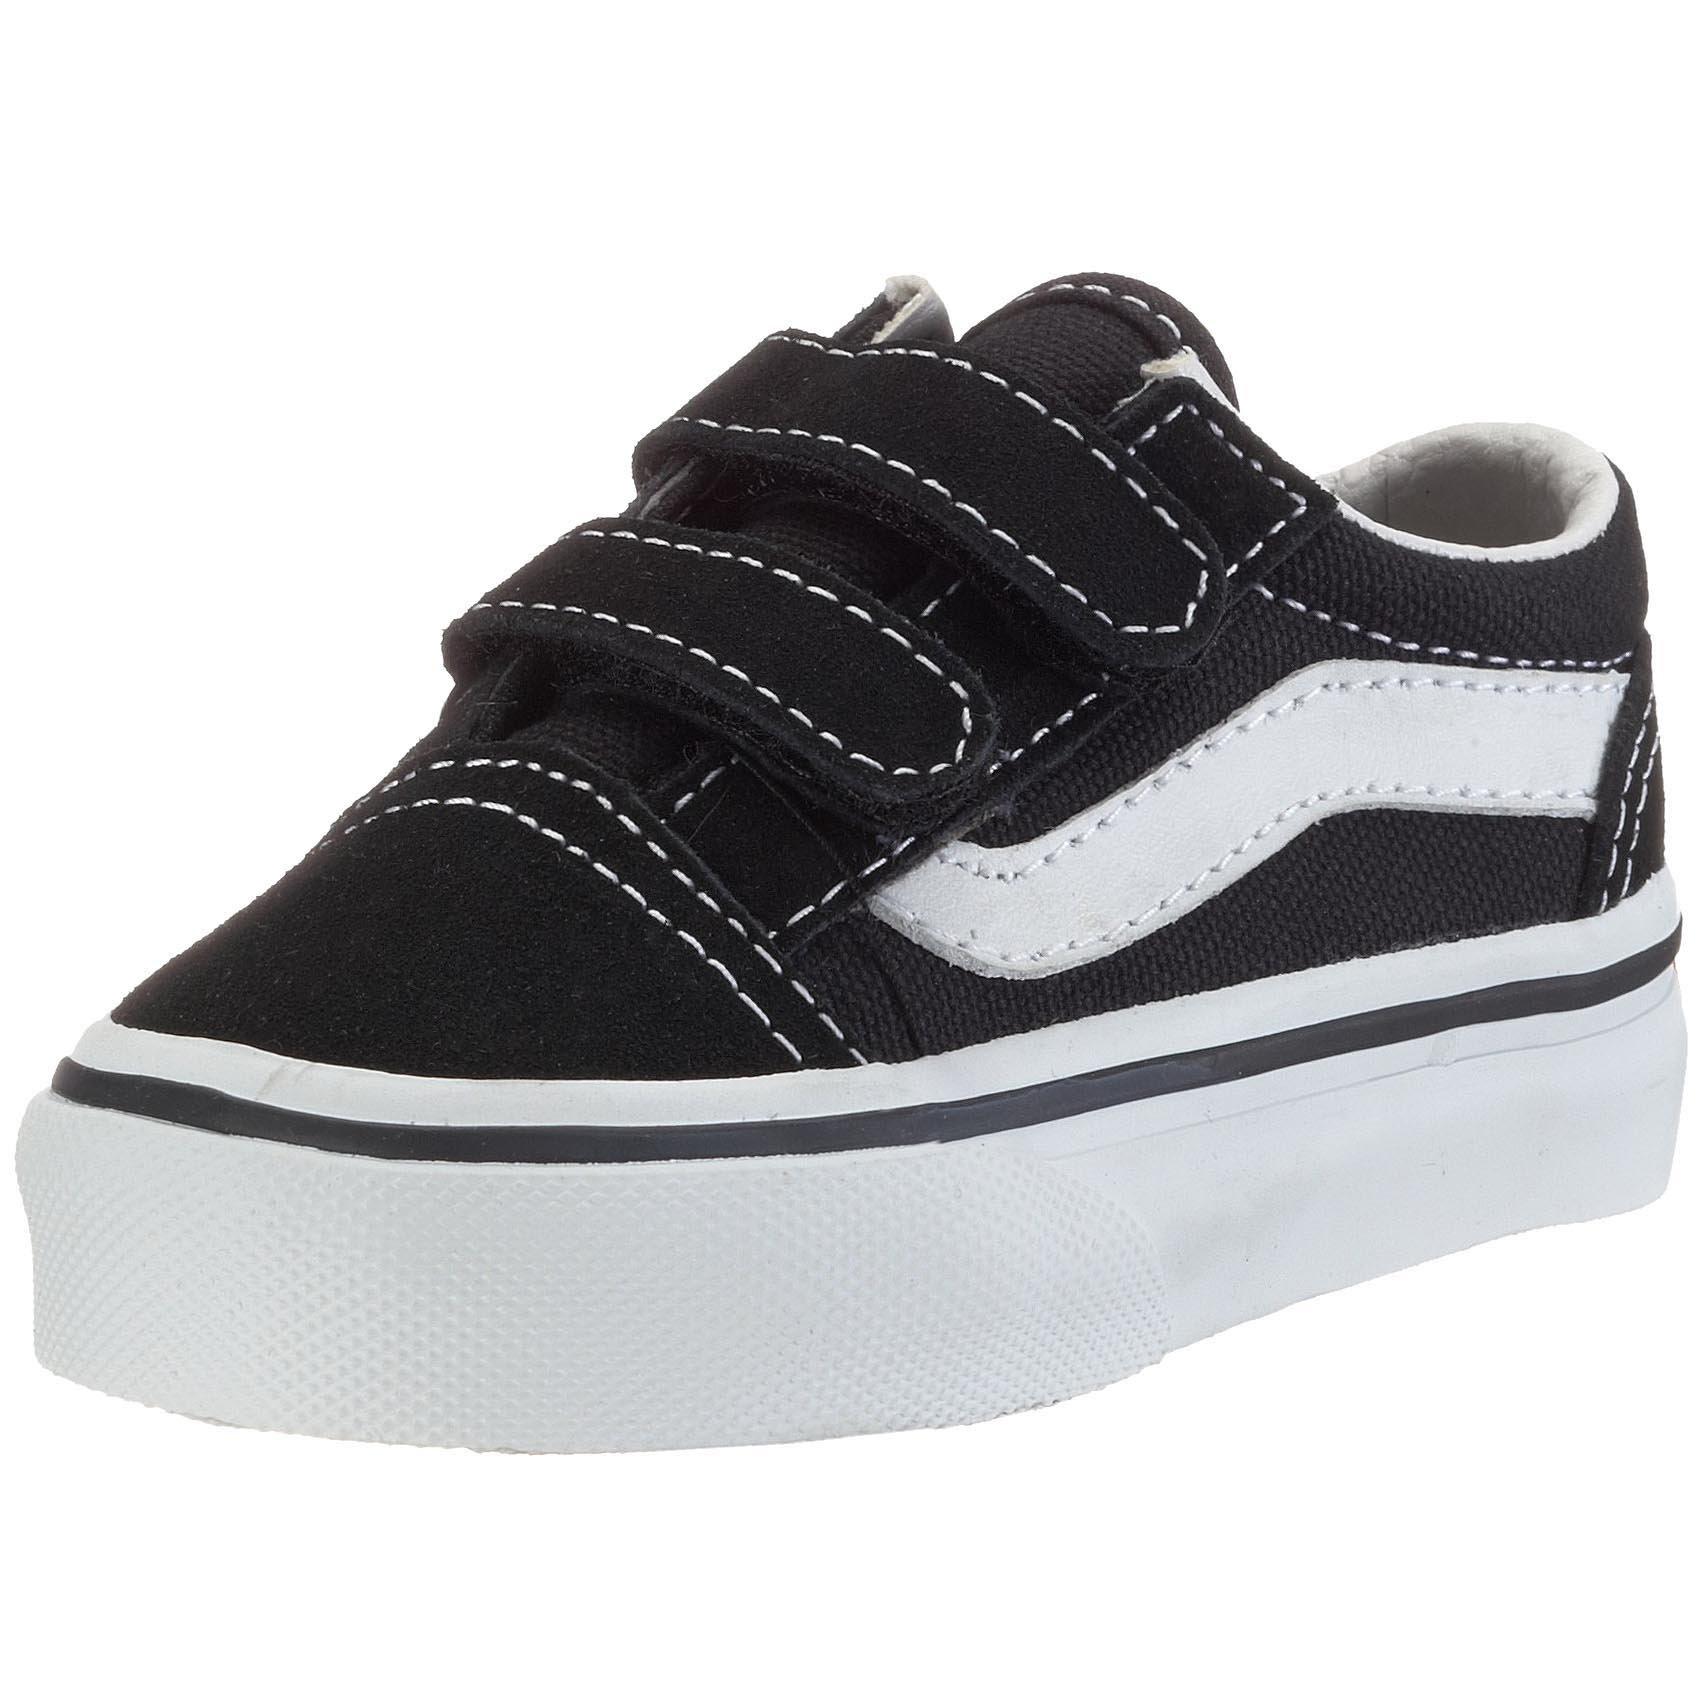 Vans Kids' Old Skool V-K, Black, 6 M US Toddler